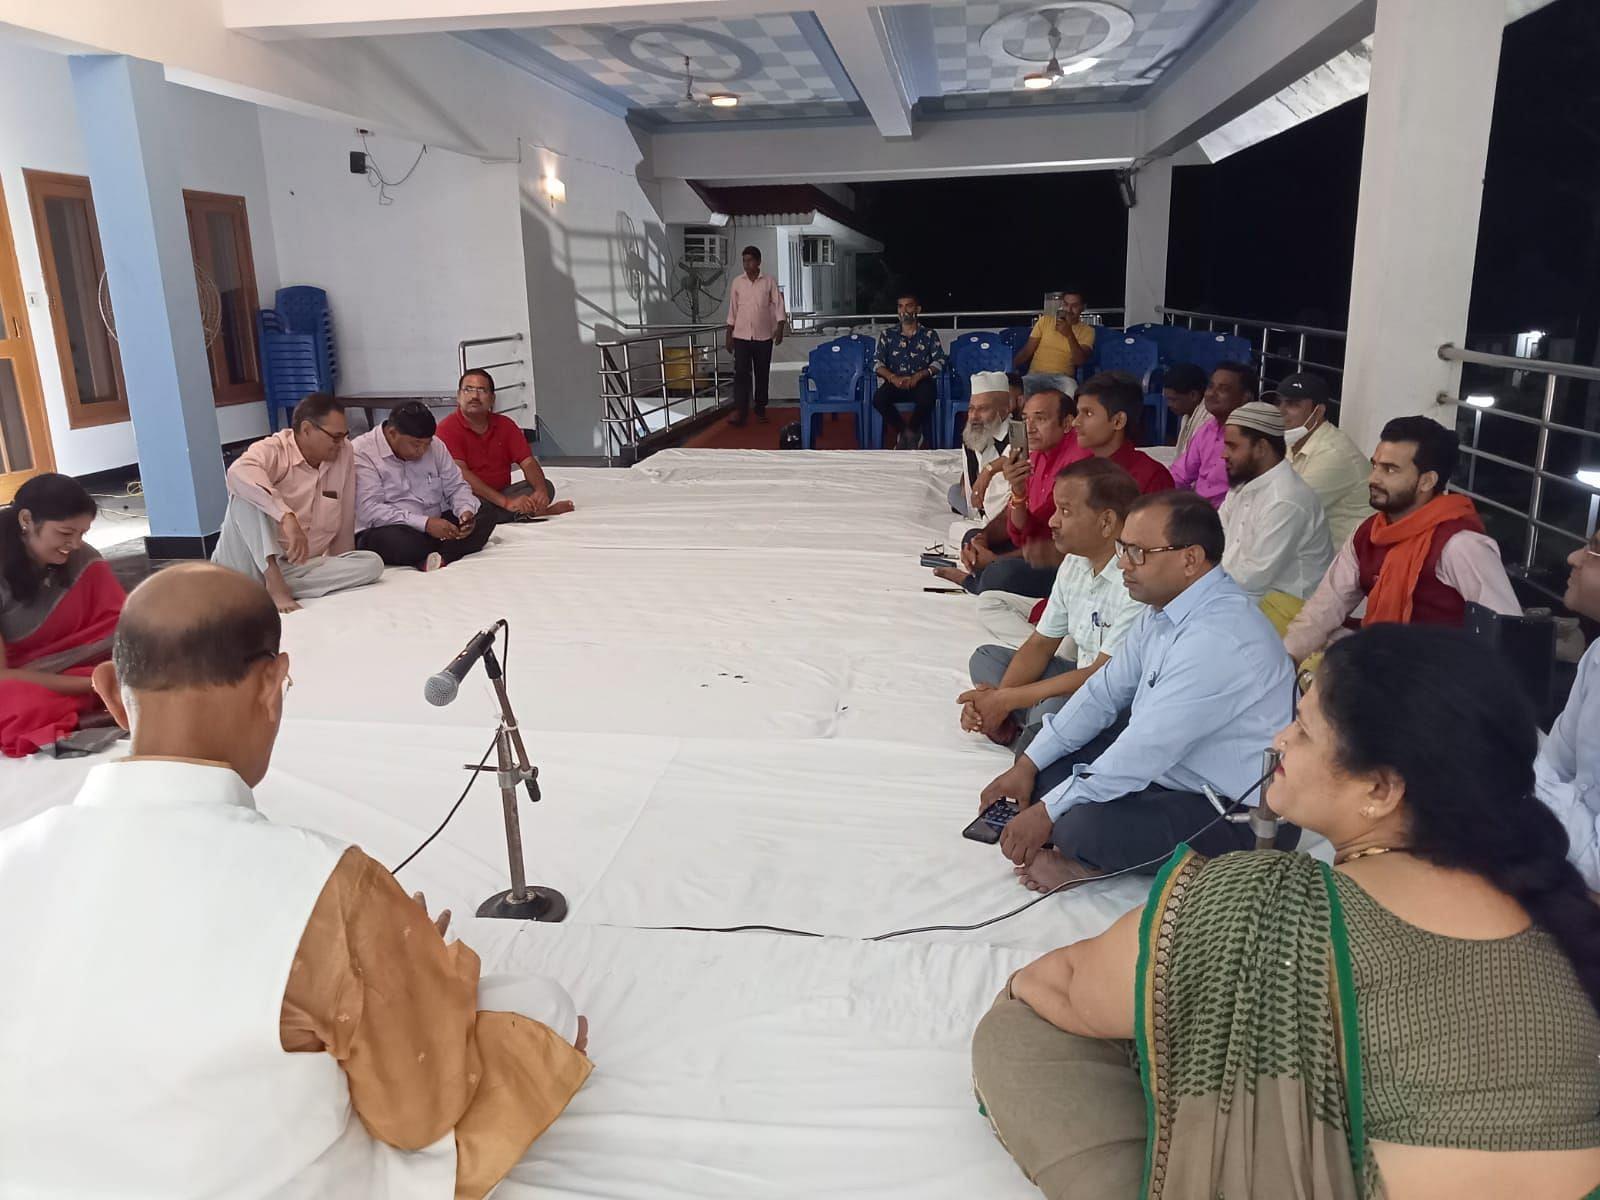 खटीमा के फाइबर्स फैक्टरी में आयोजित कवि सम्मेलन में मौजूद कवि, साहित्यकार एवं शायर।